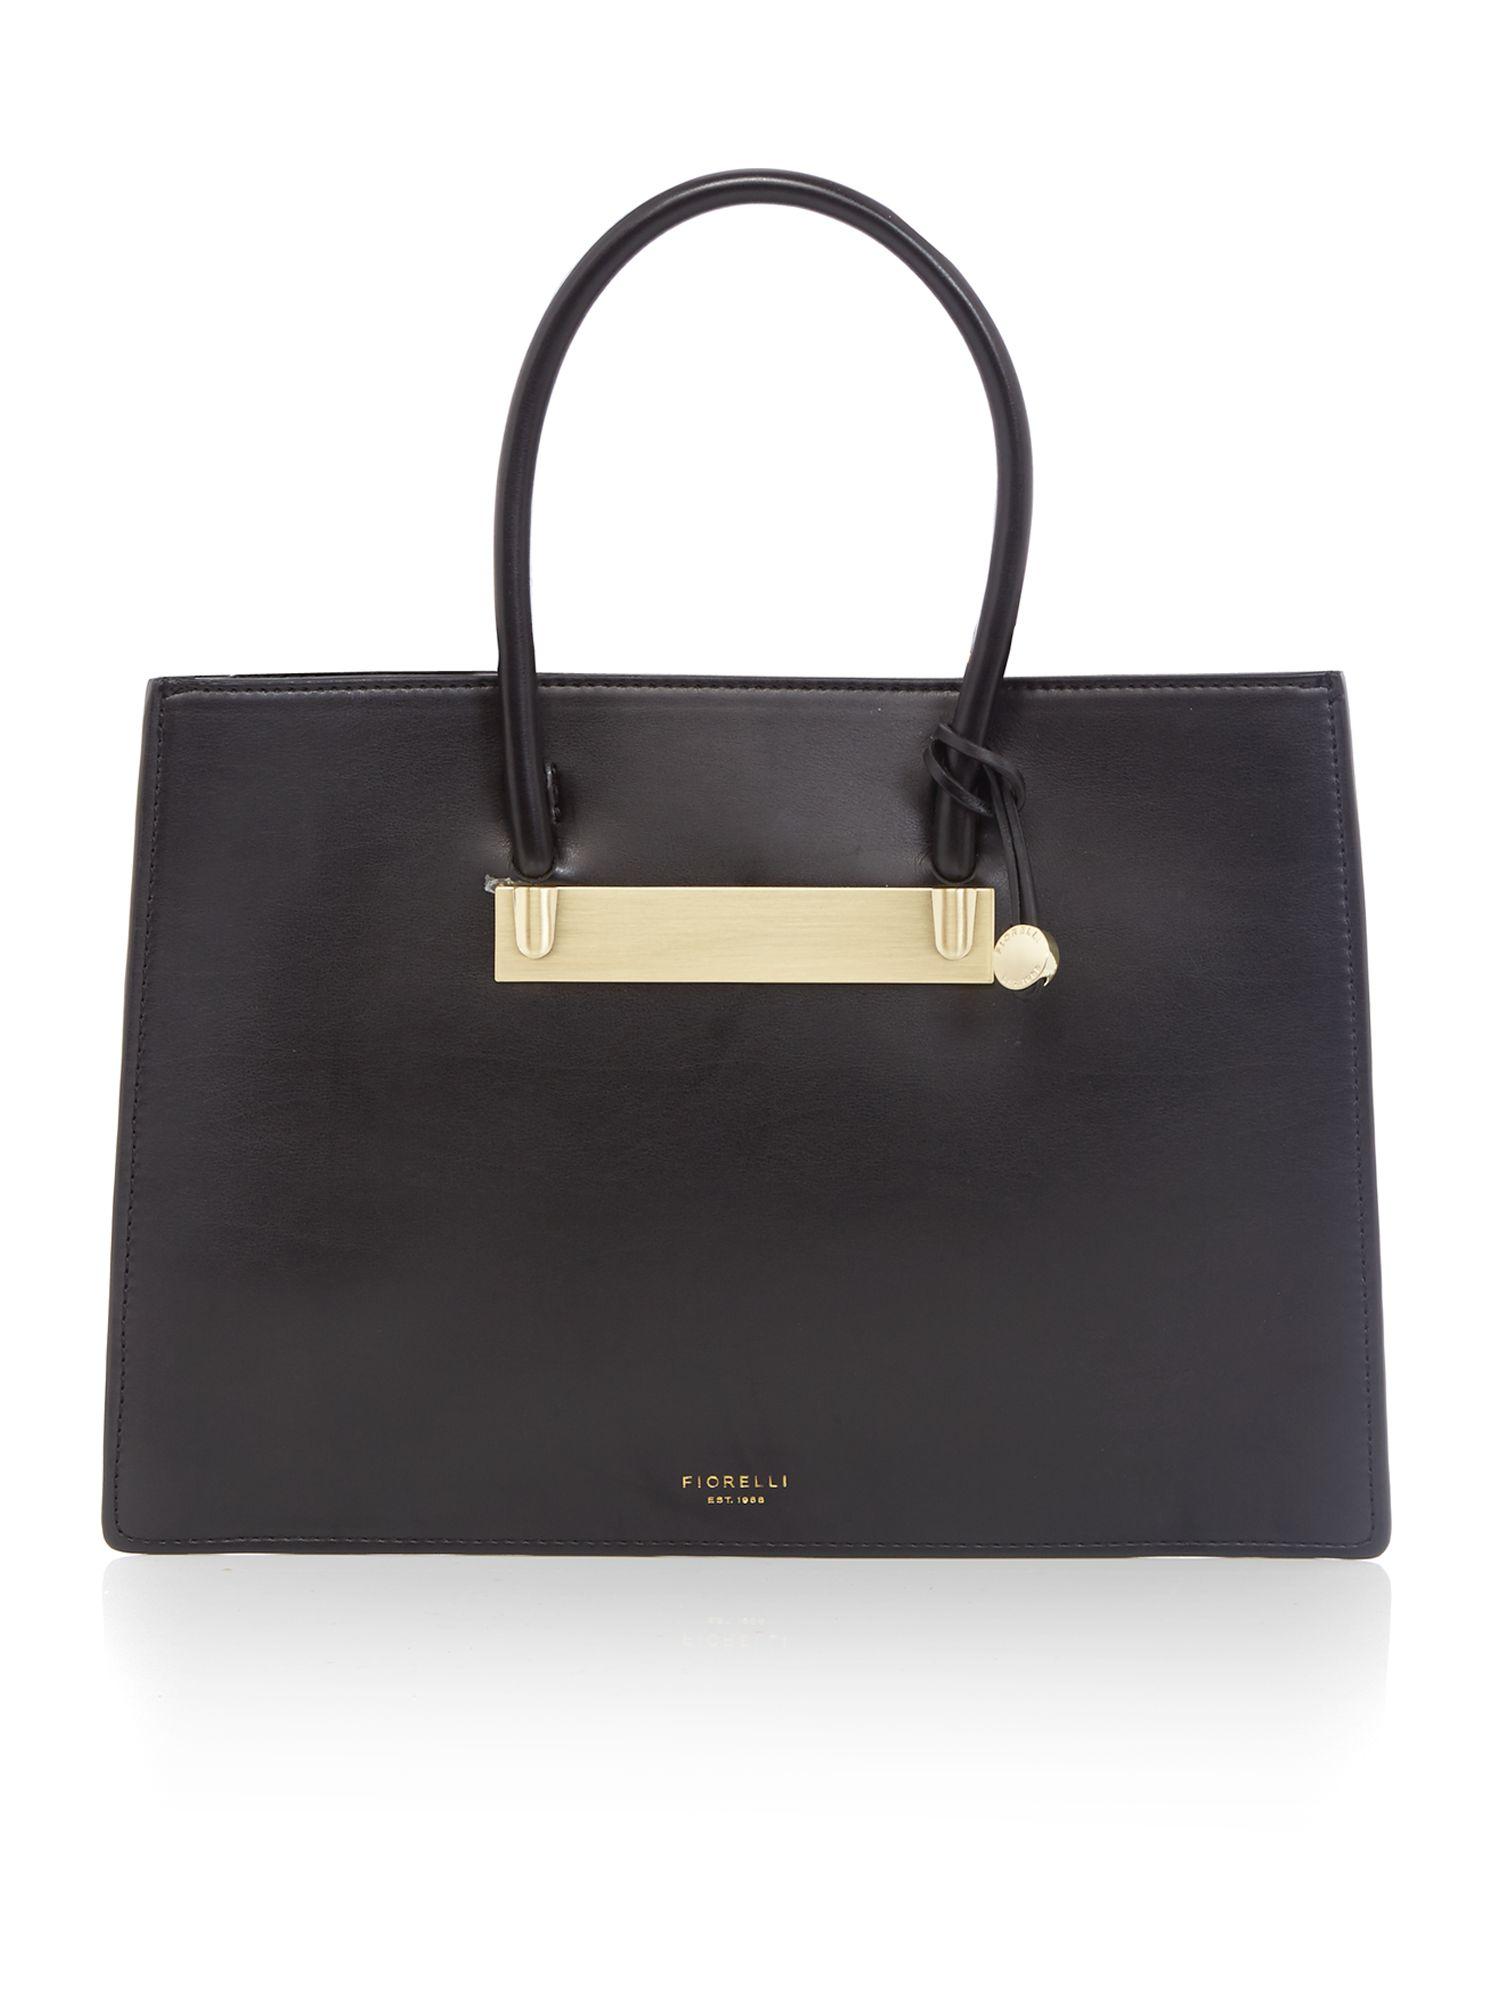 Fiorelli Aspen Black Medium Grab Tote Bag